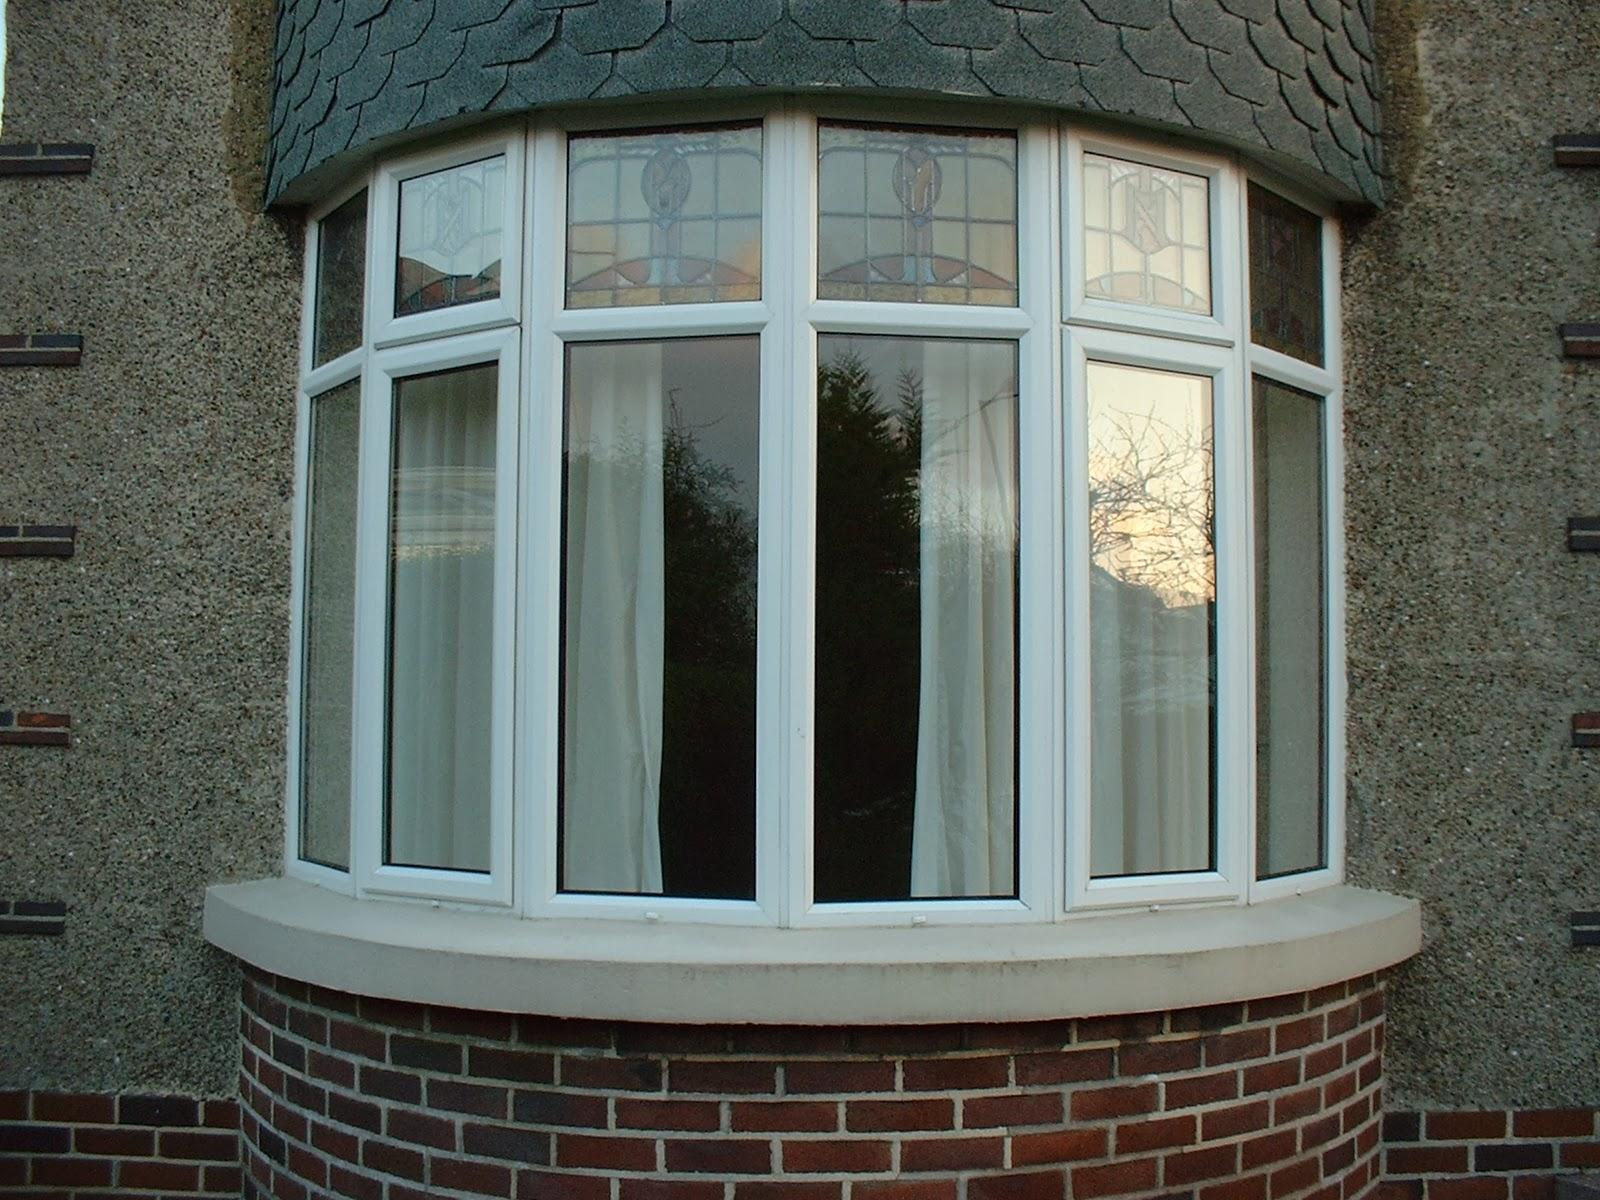 ГармониЯ тепла и пластика (окна и балконы) - россия , москва.